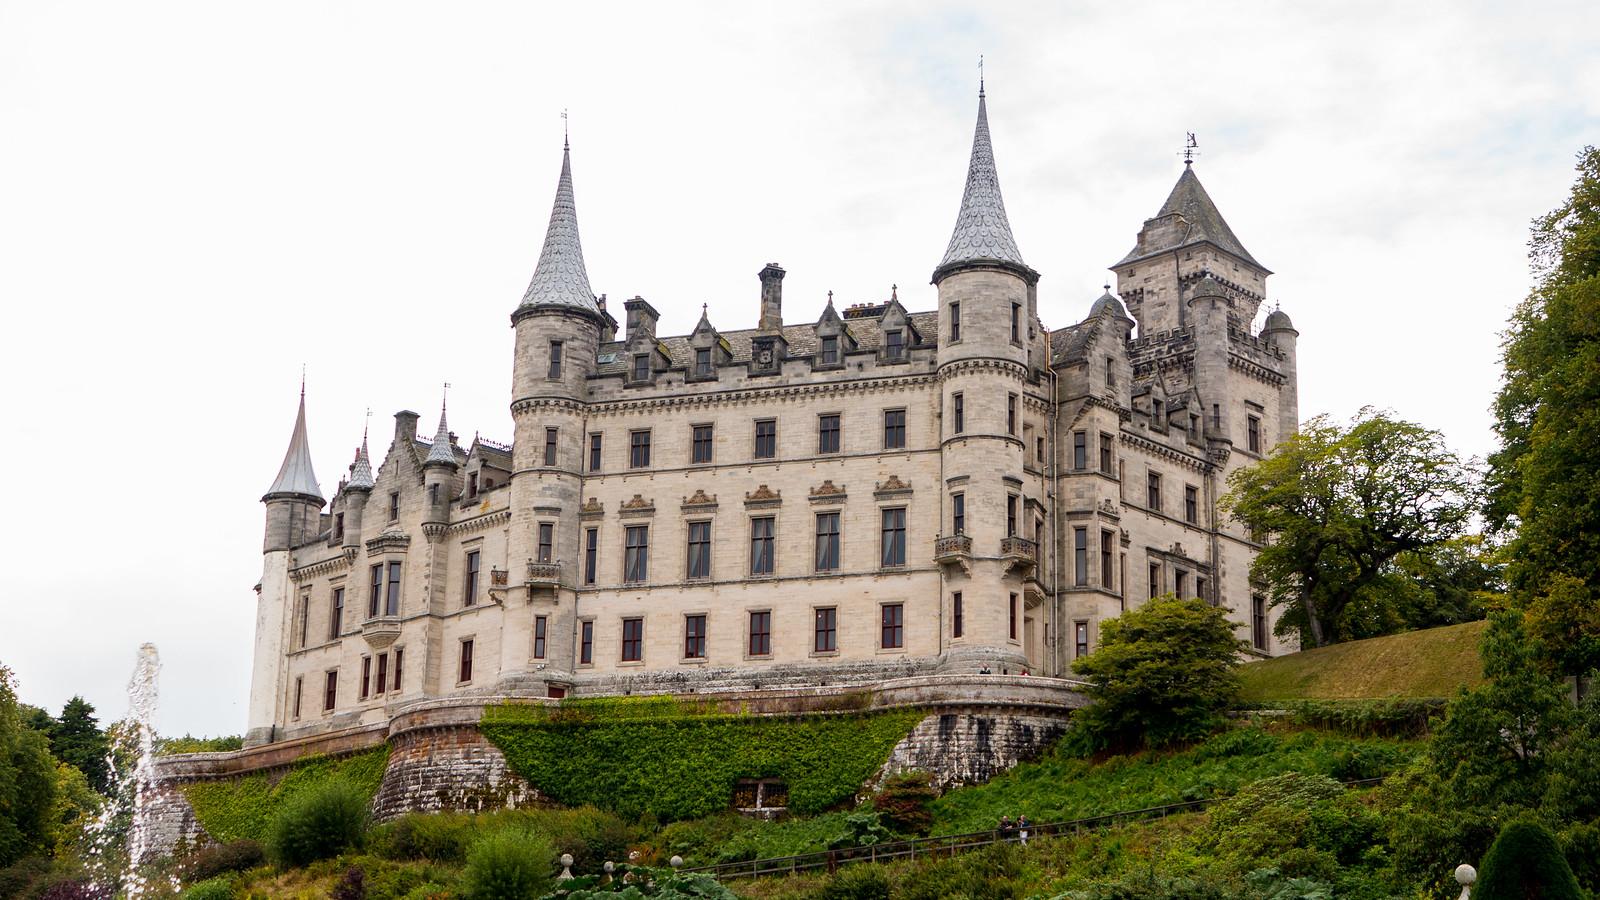 Dunrobin castle-3